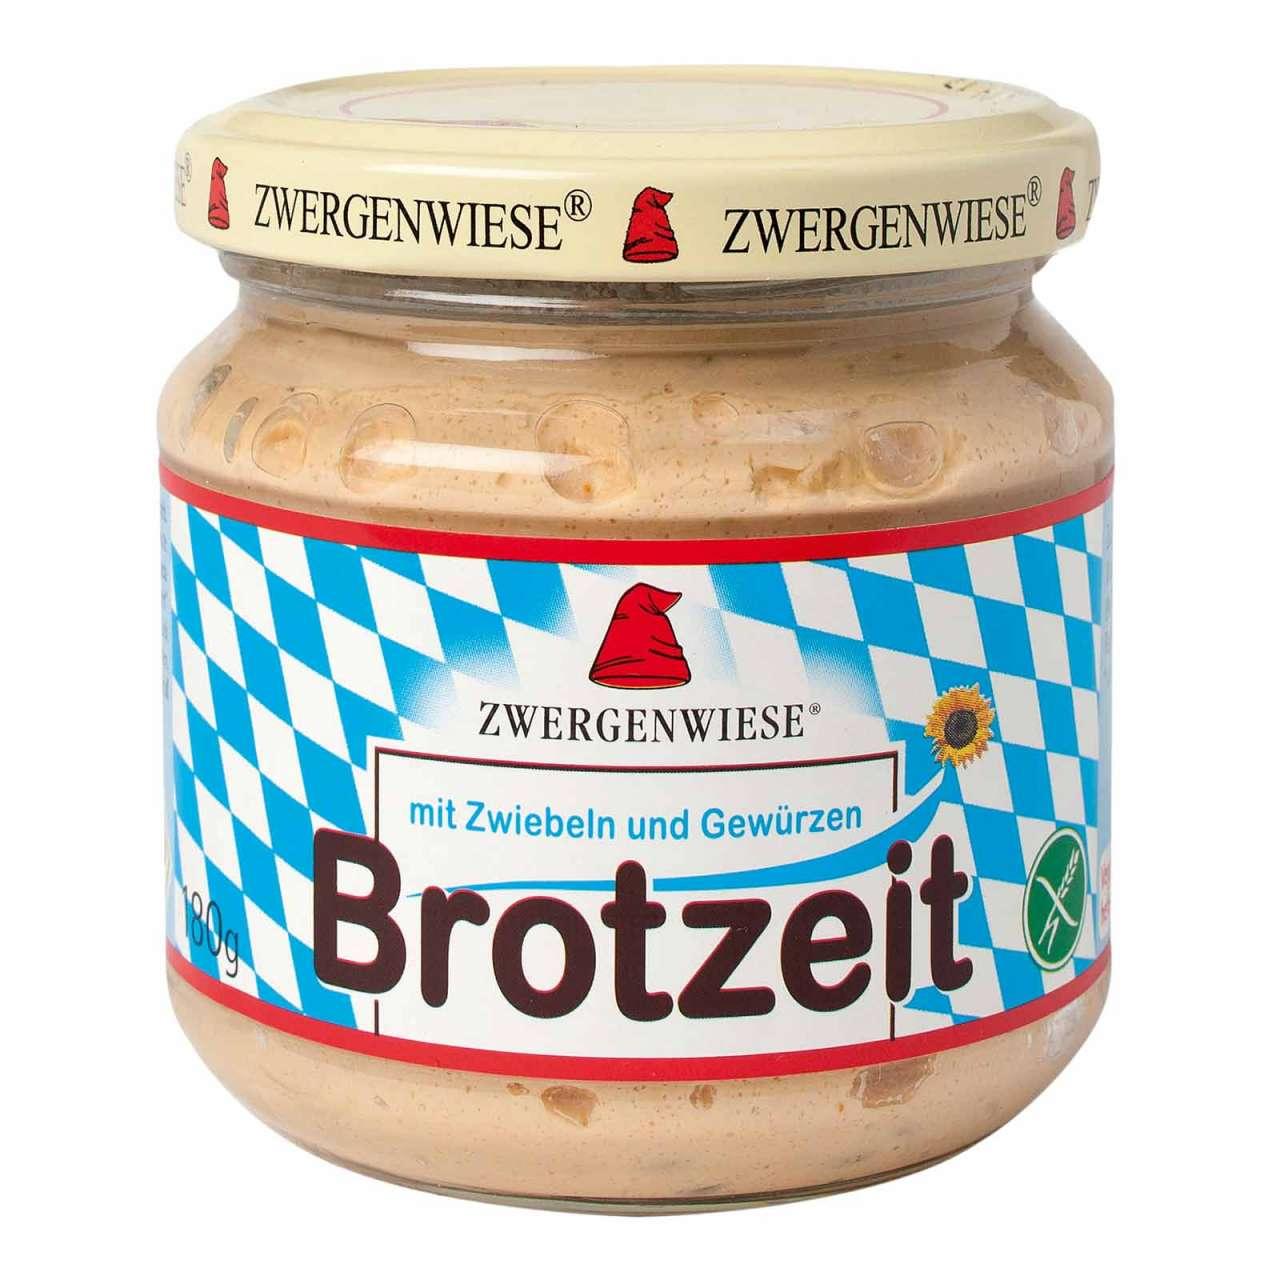 Angebotsbild für Zwergenwiese Brotzeit - herzhafter Brotaufstrich ohne Palmöl von PureNature